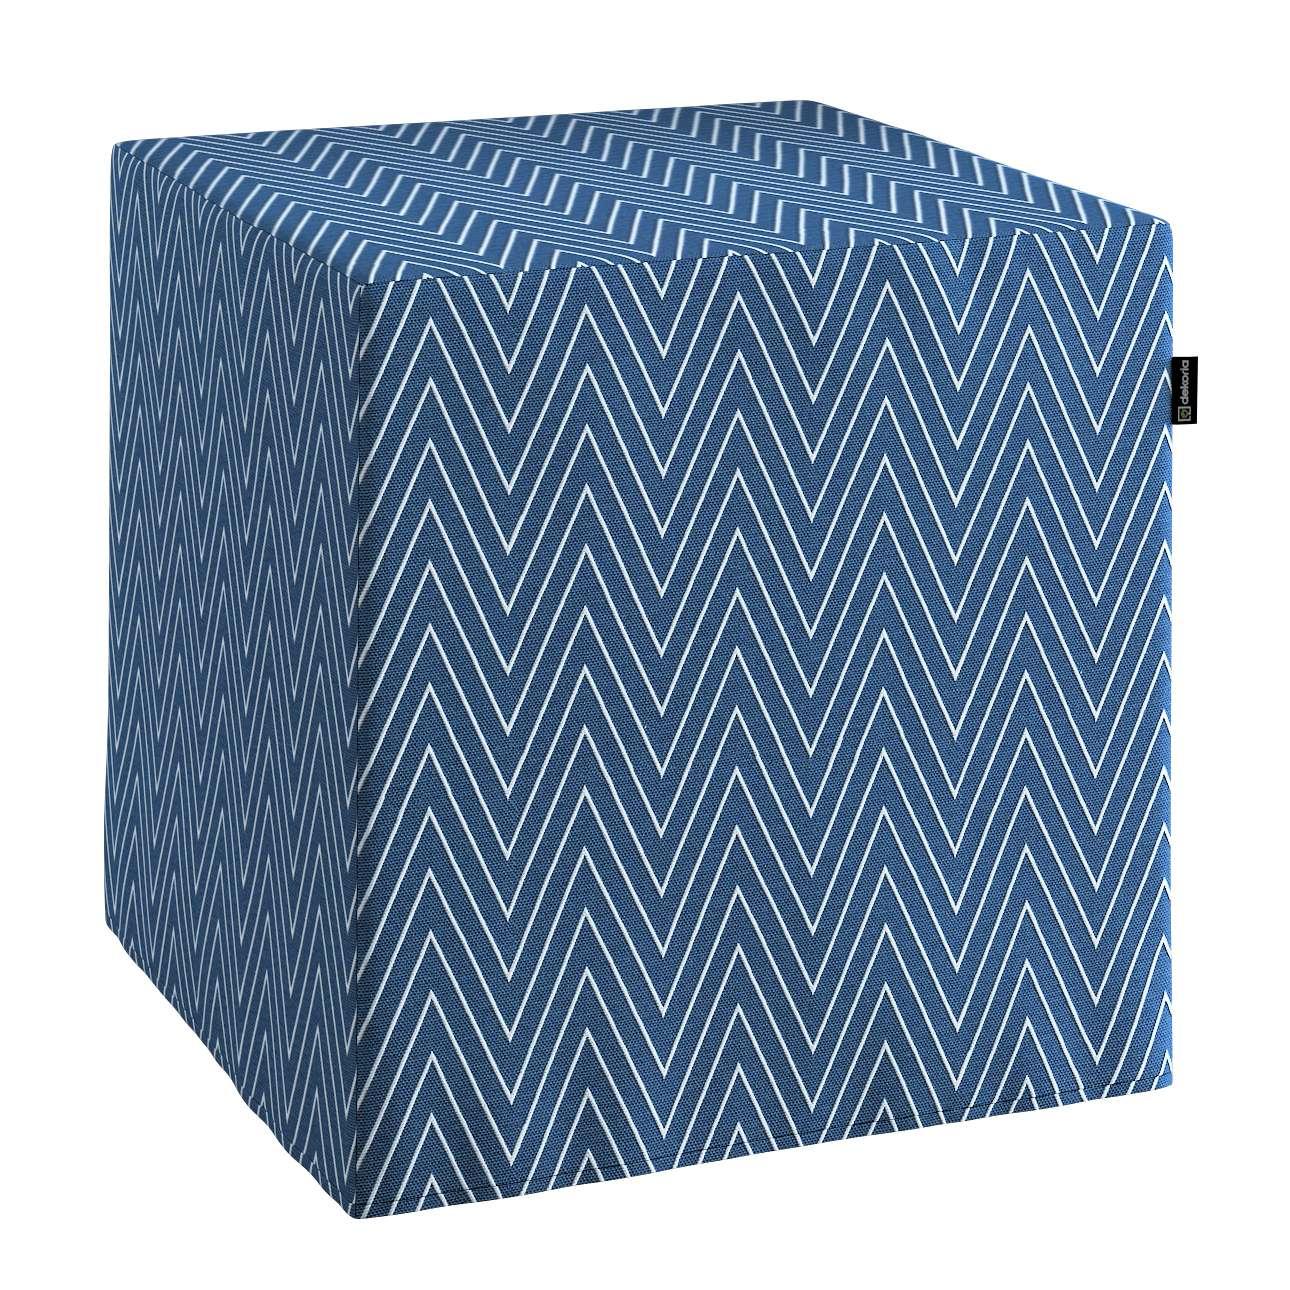 Pufa kostka twarda 40x40x40 cm w kolekcji Brooklyn, tkanina: 137-88